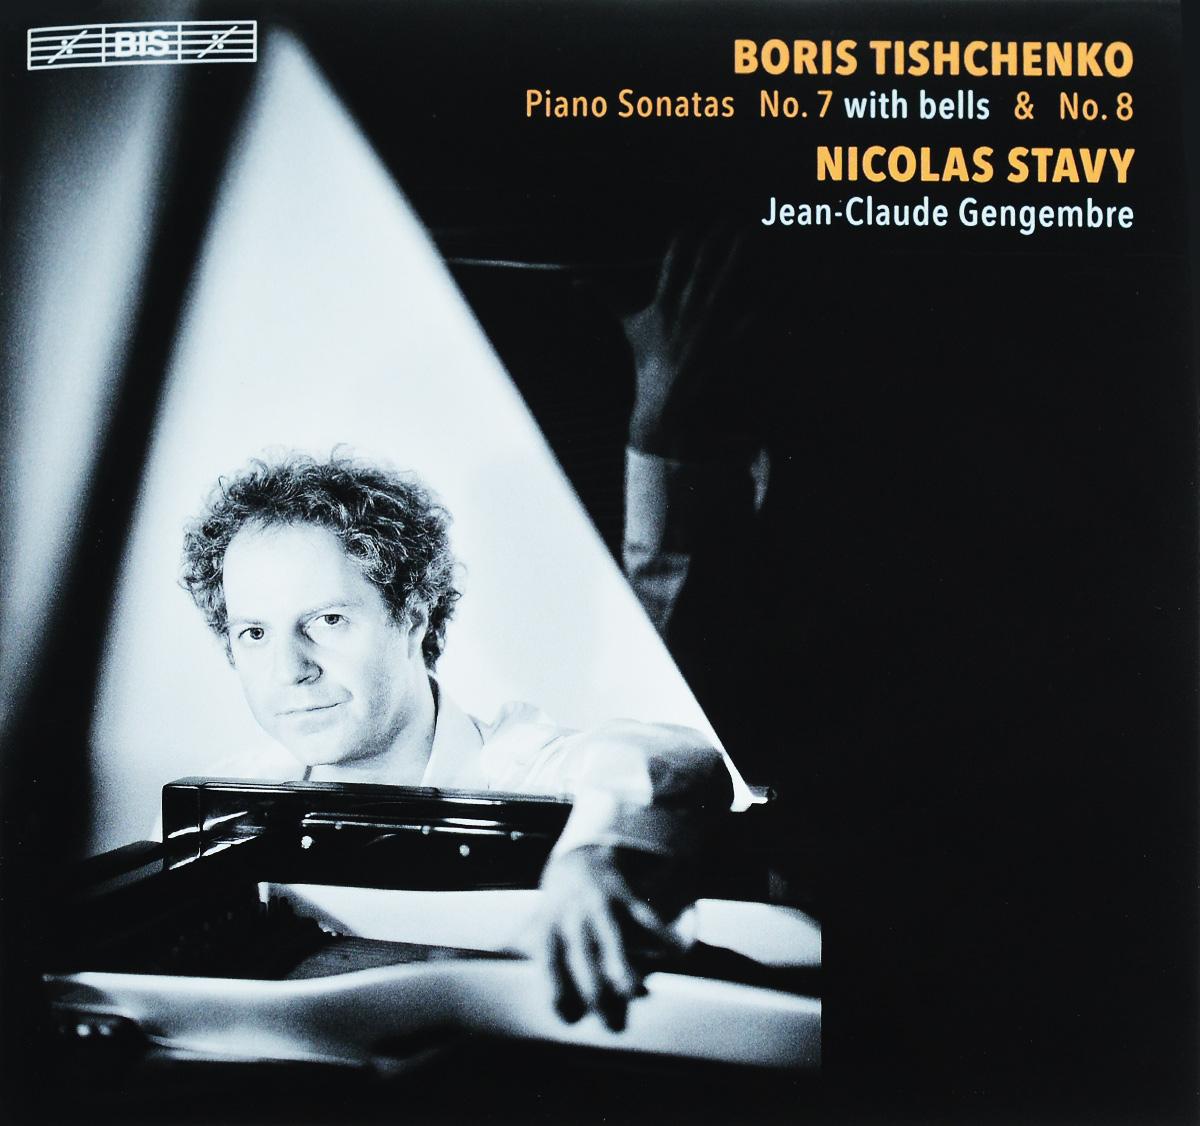 Nicolas Stavy,Jean-Claude Gengembre Nicolas Stavy. Boris Tishchenko. Piano Sonatas Nos 7 & 8 (SACD)